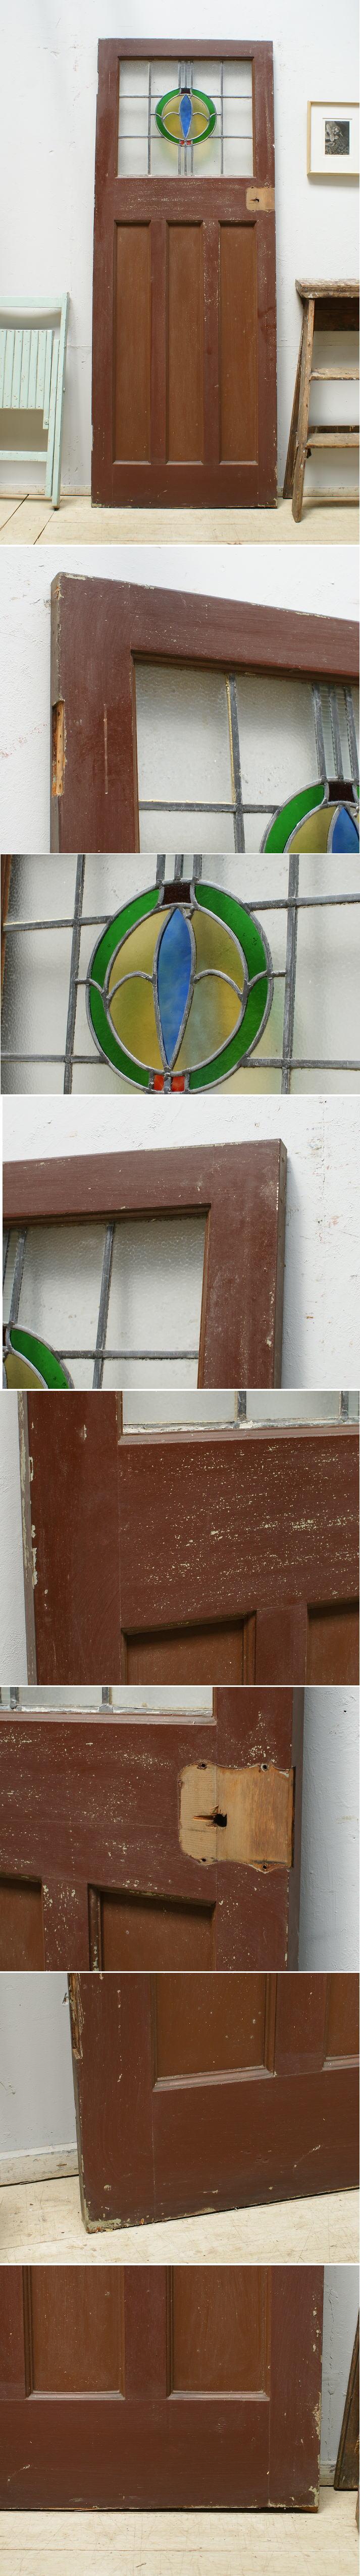 イギリス アンティーク ステンドグラス入り木製ドア 扉 ディスプレイ 建具 6361